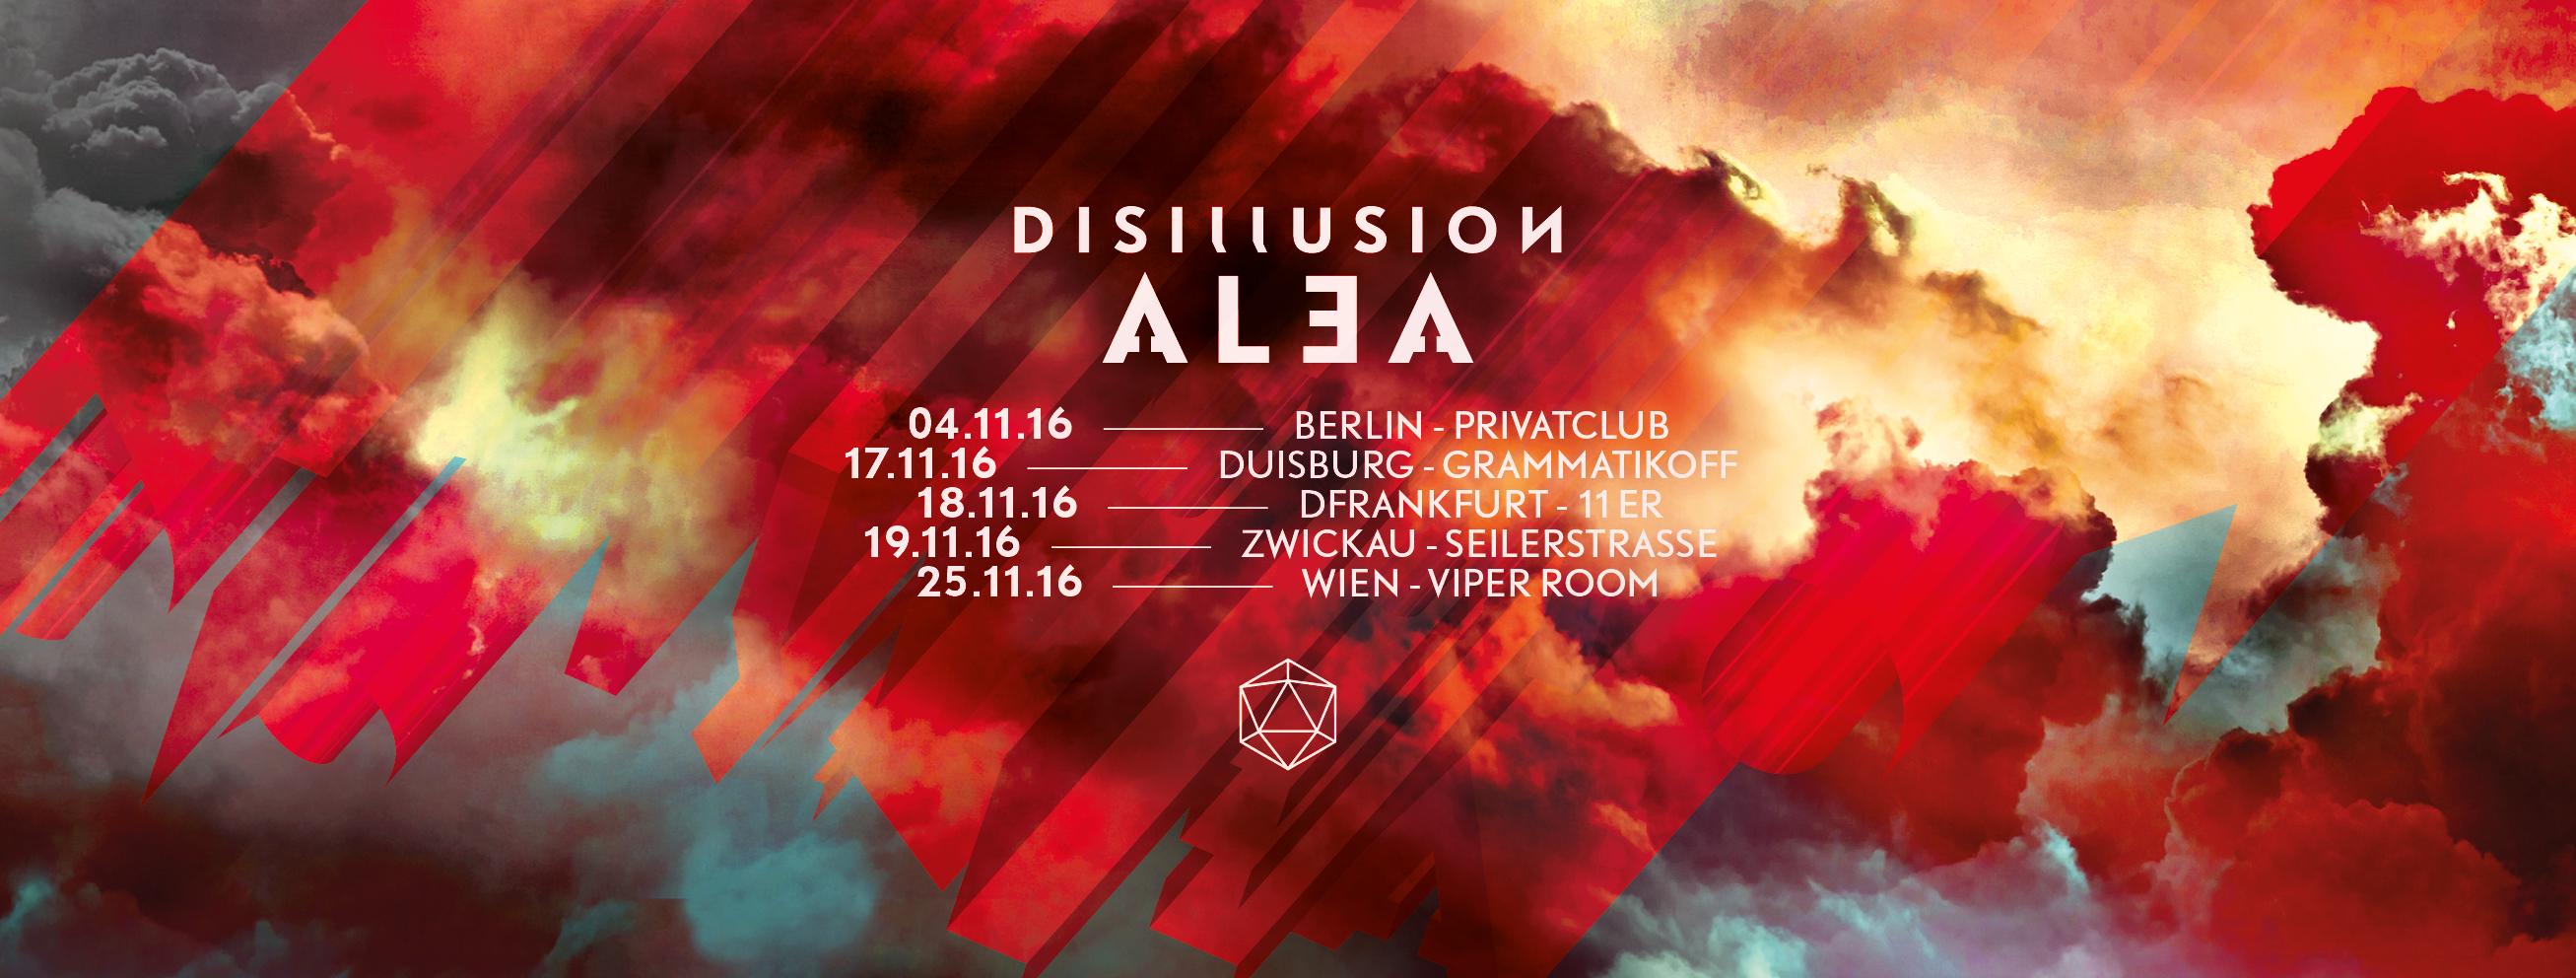 Disillusion Alea Banner